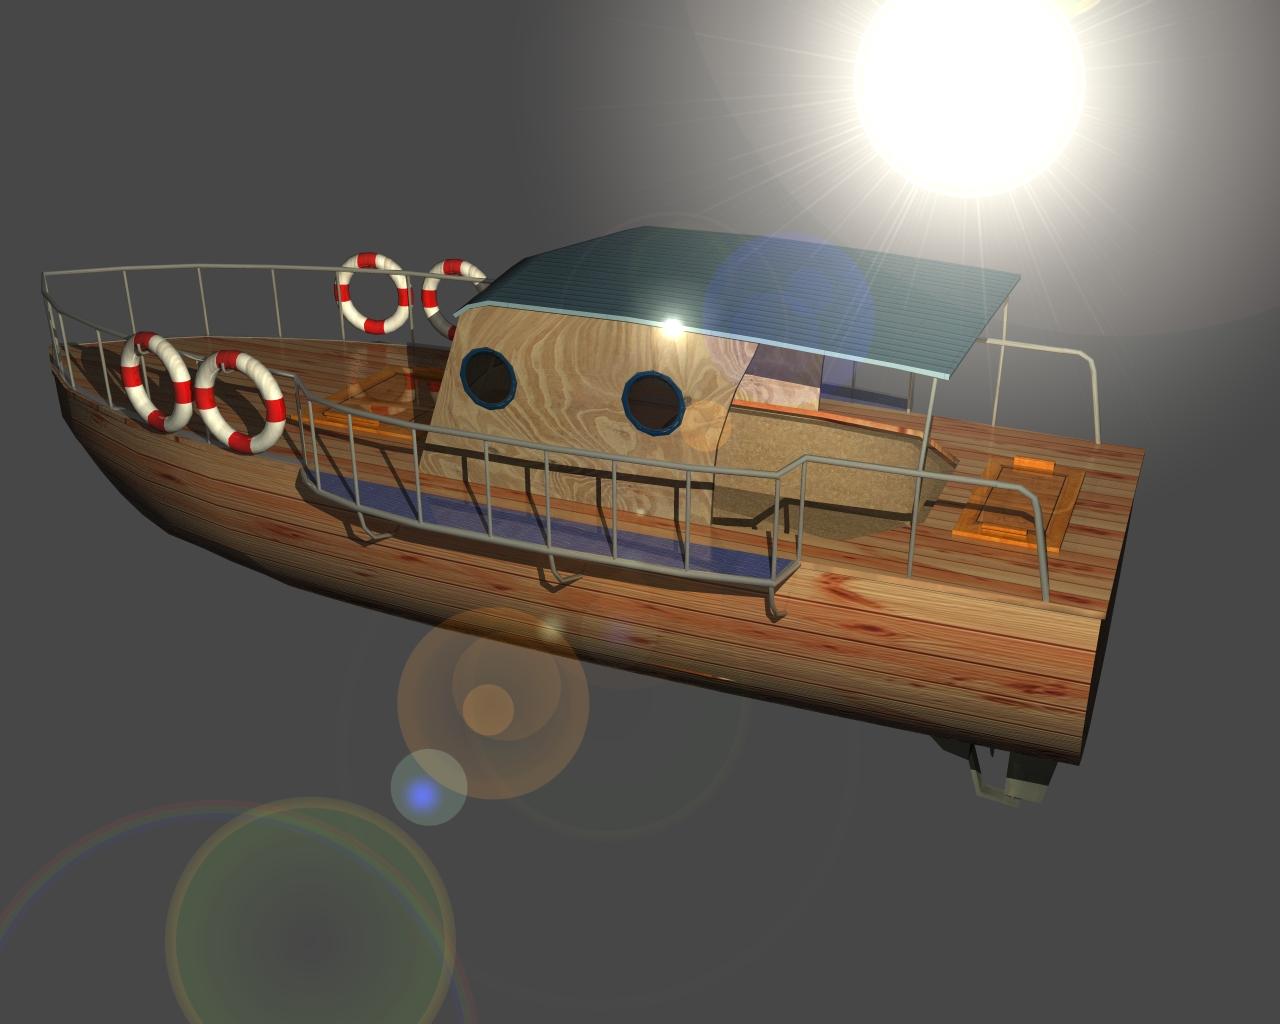 jauns laiva 3d 3ds 165406